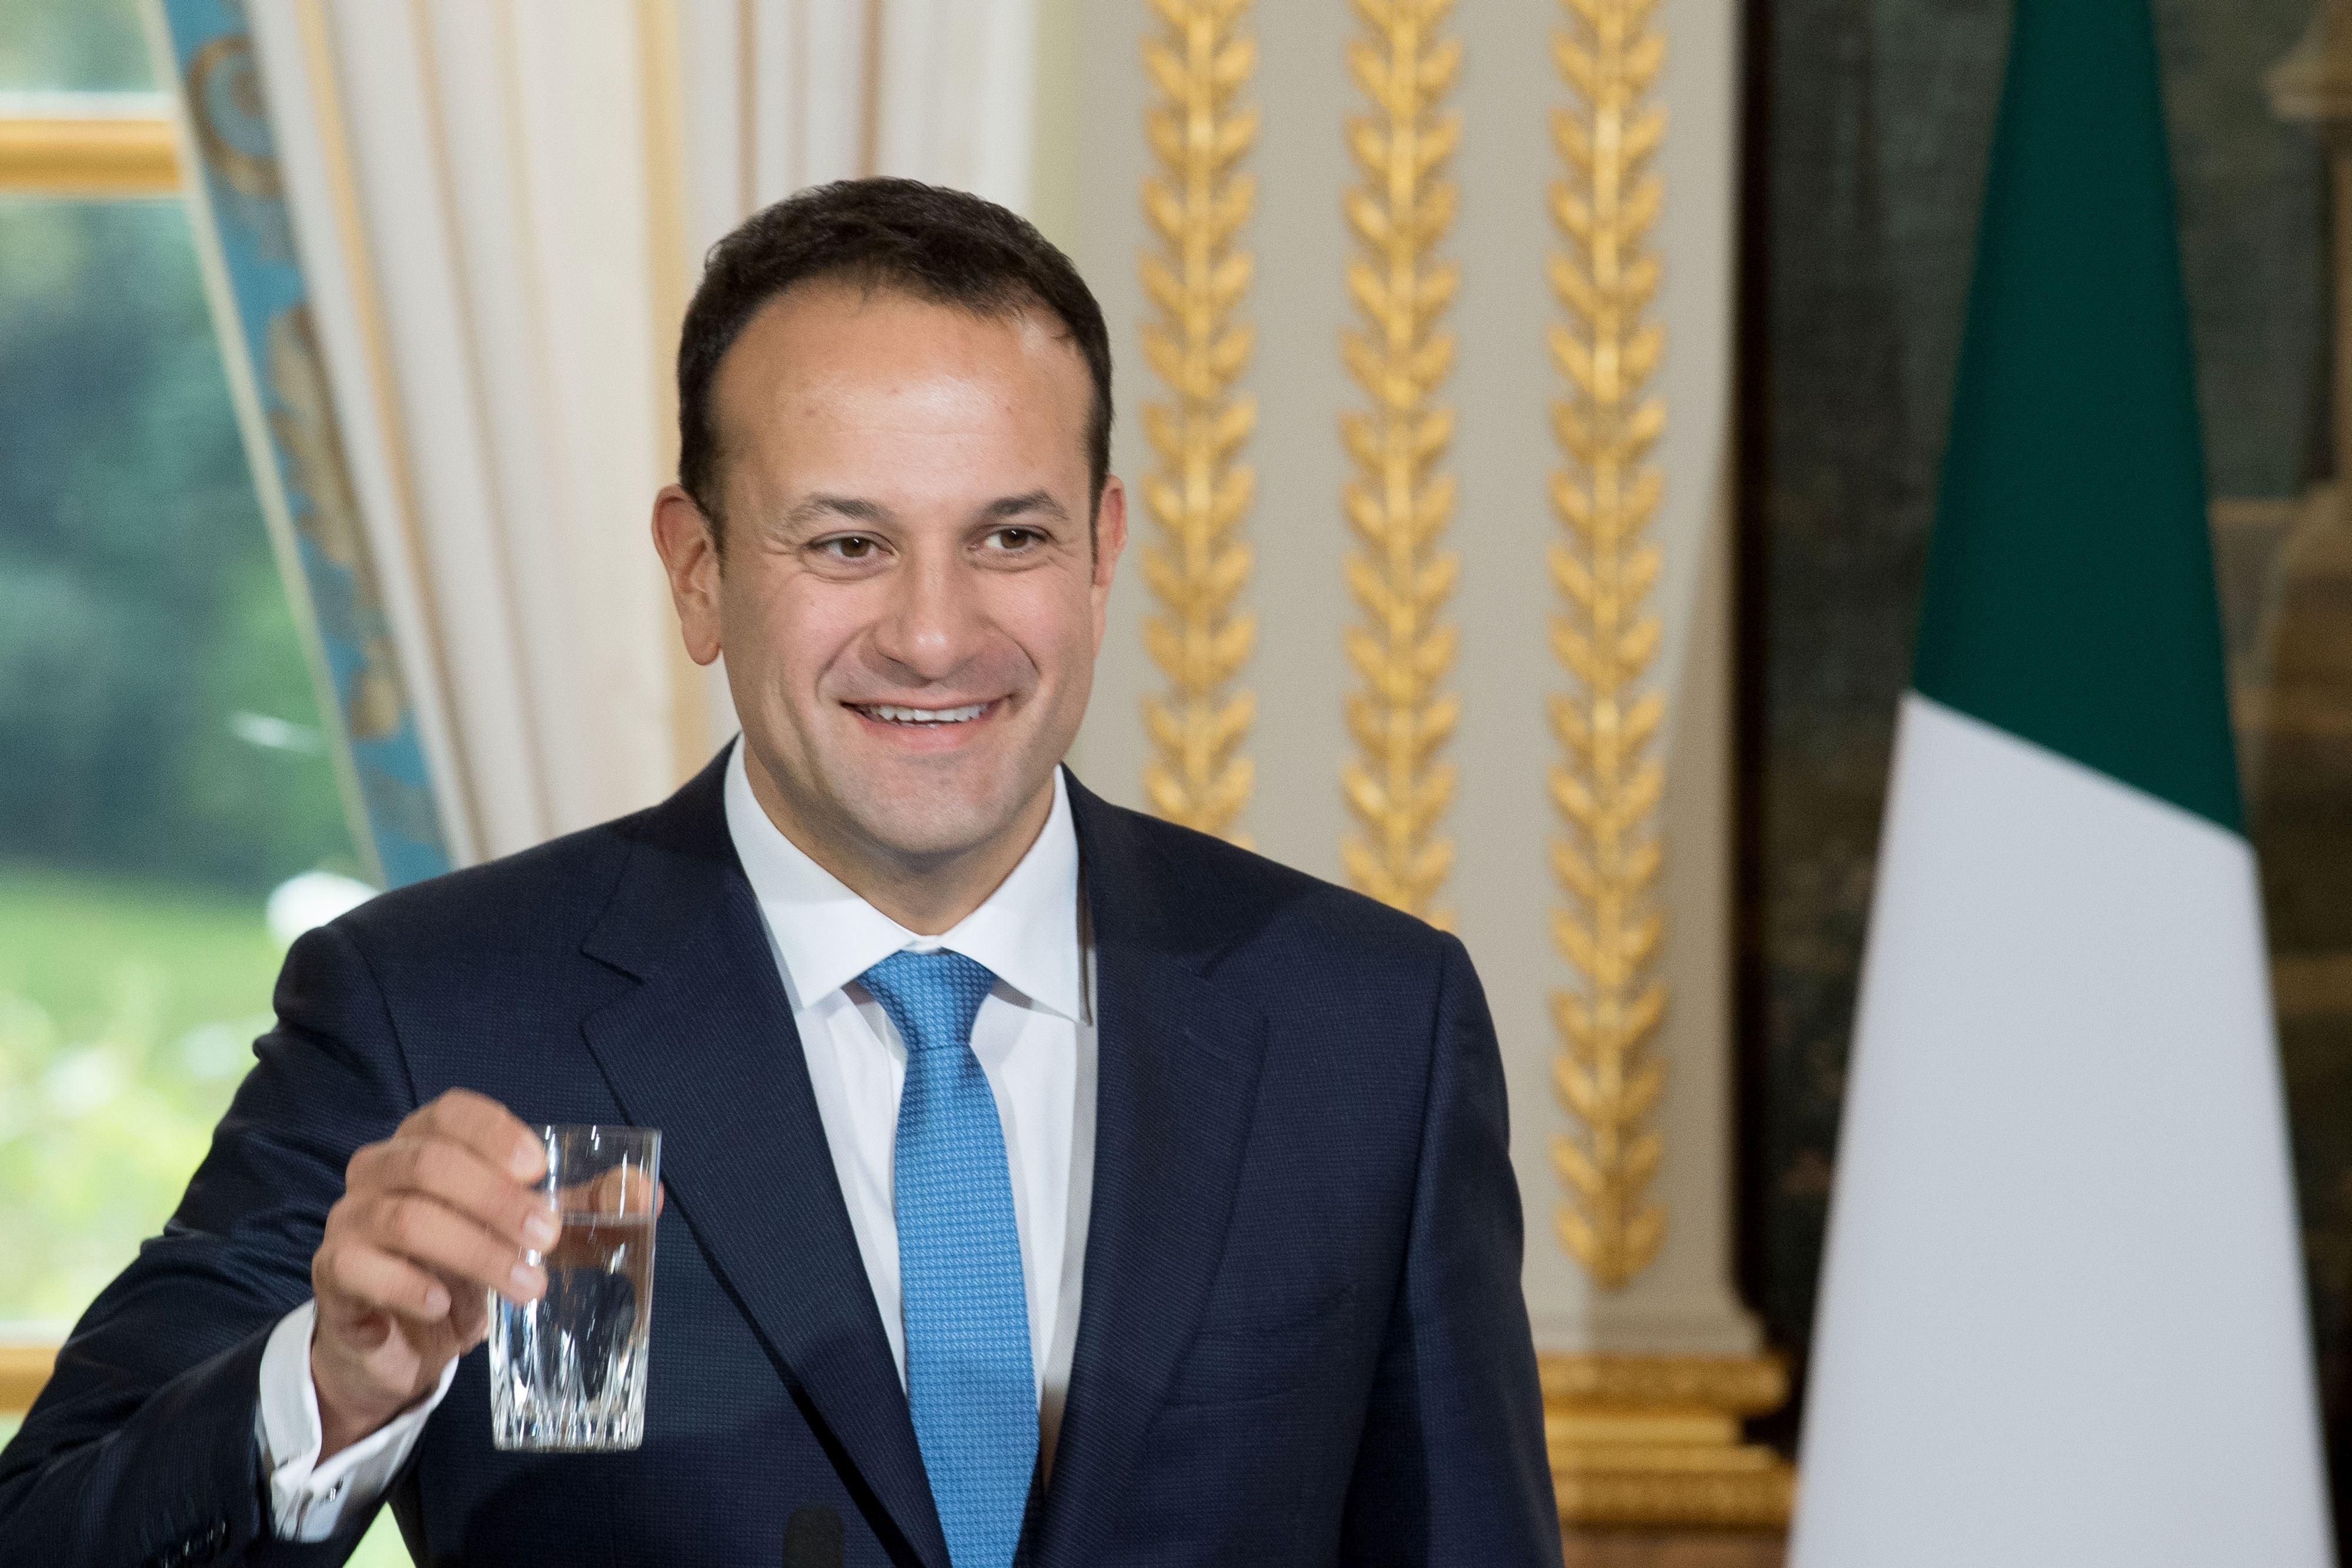 Premierul Varadkar încearcă să prevină prăbuşirea guvernului şi alegerile anticipate care ar slăbi poziţia Irlandei în negocierile de Brexit